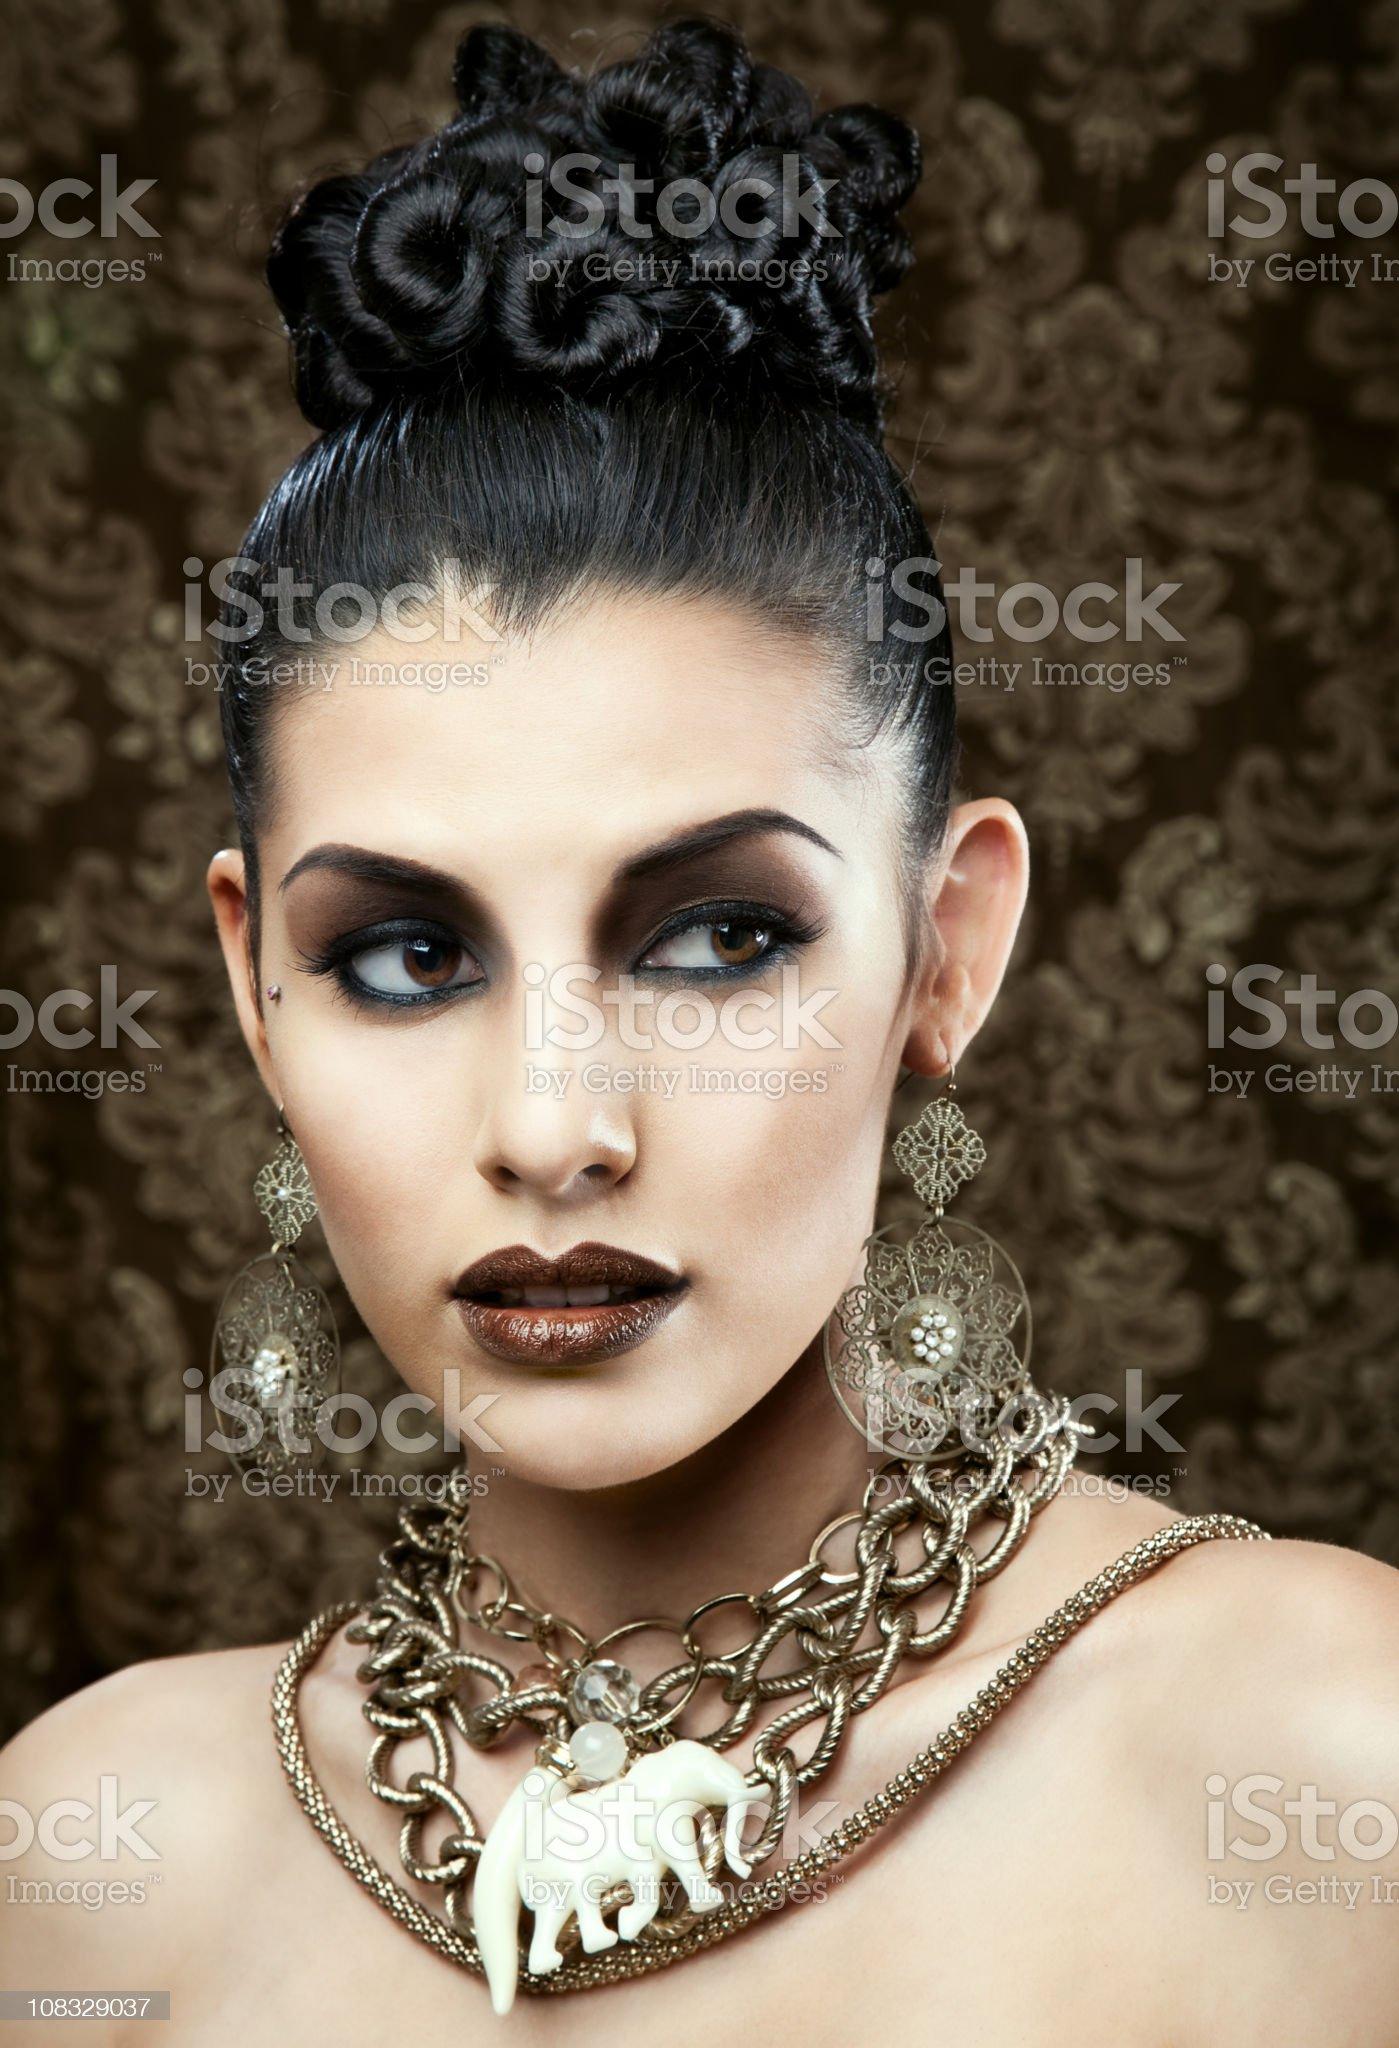 Exotic Beauty royalty-free stock photo